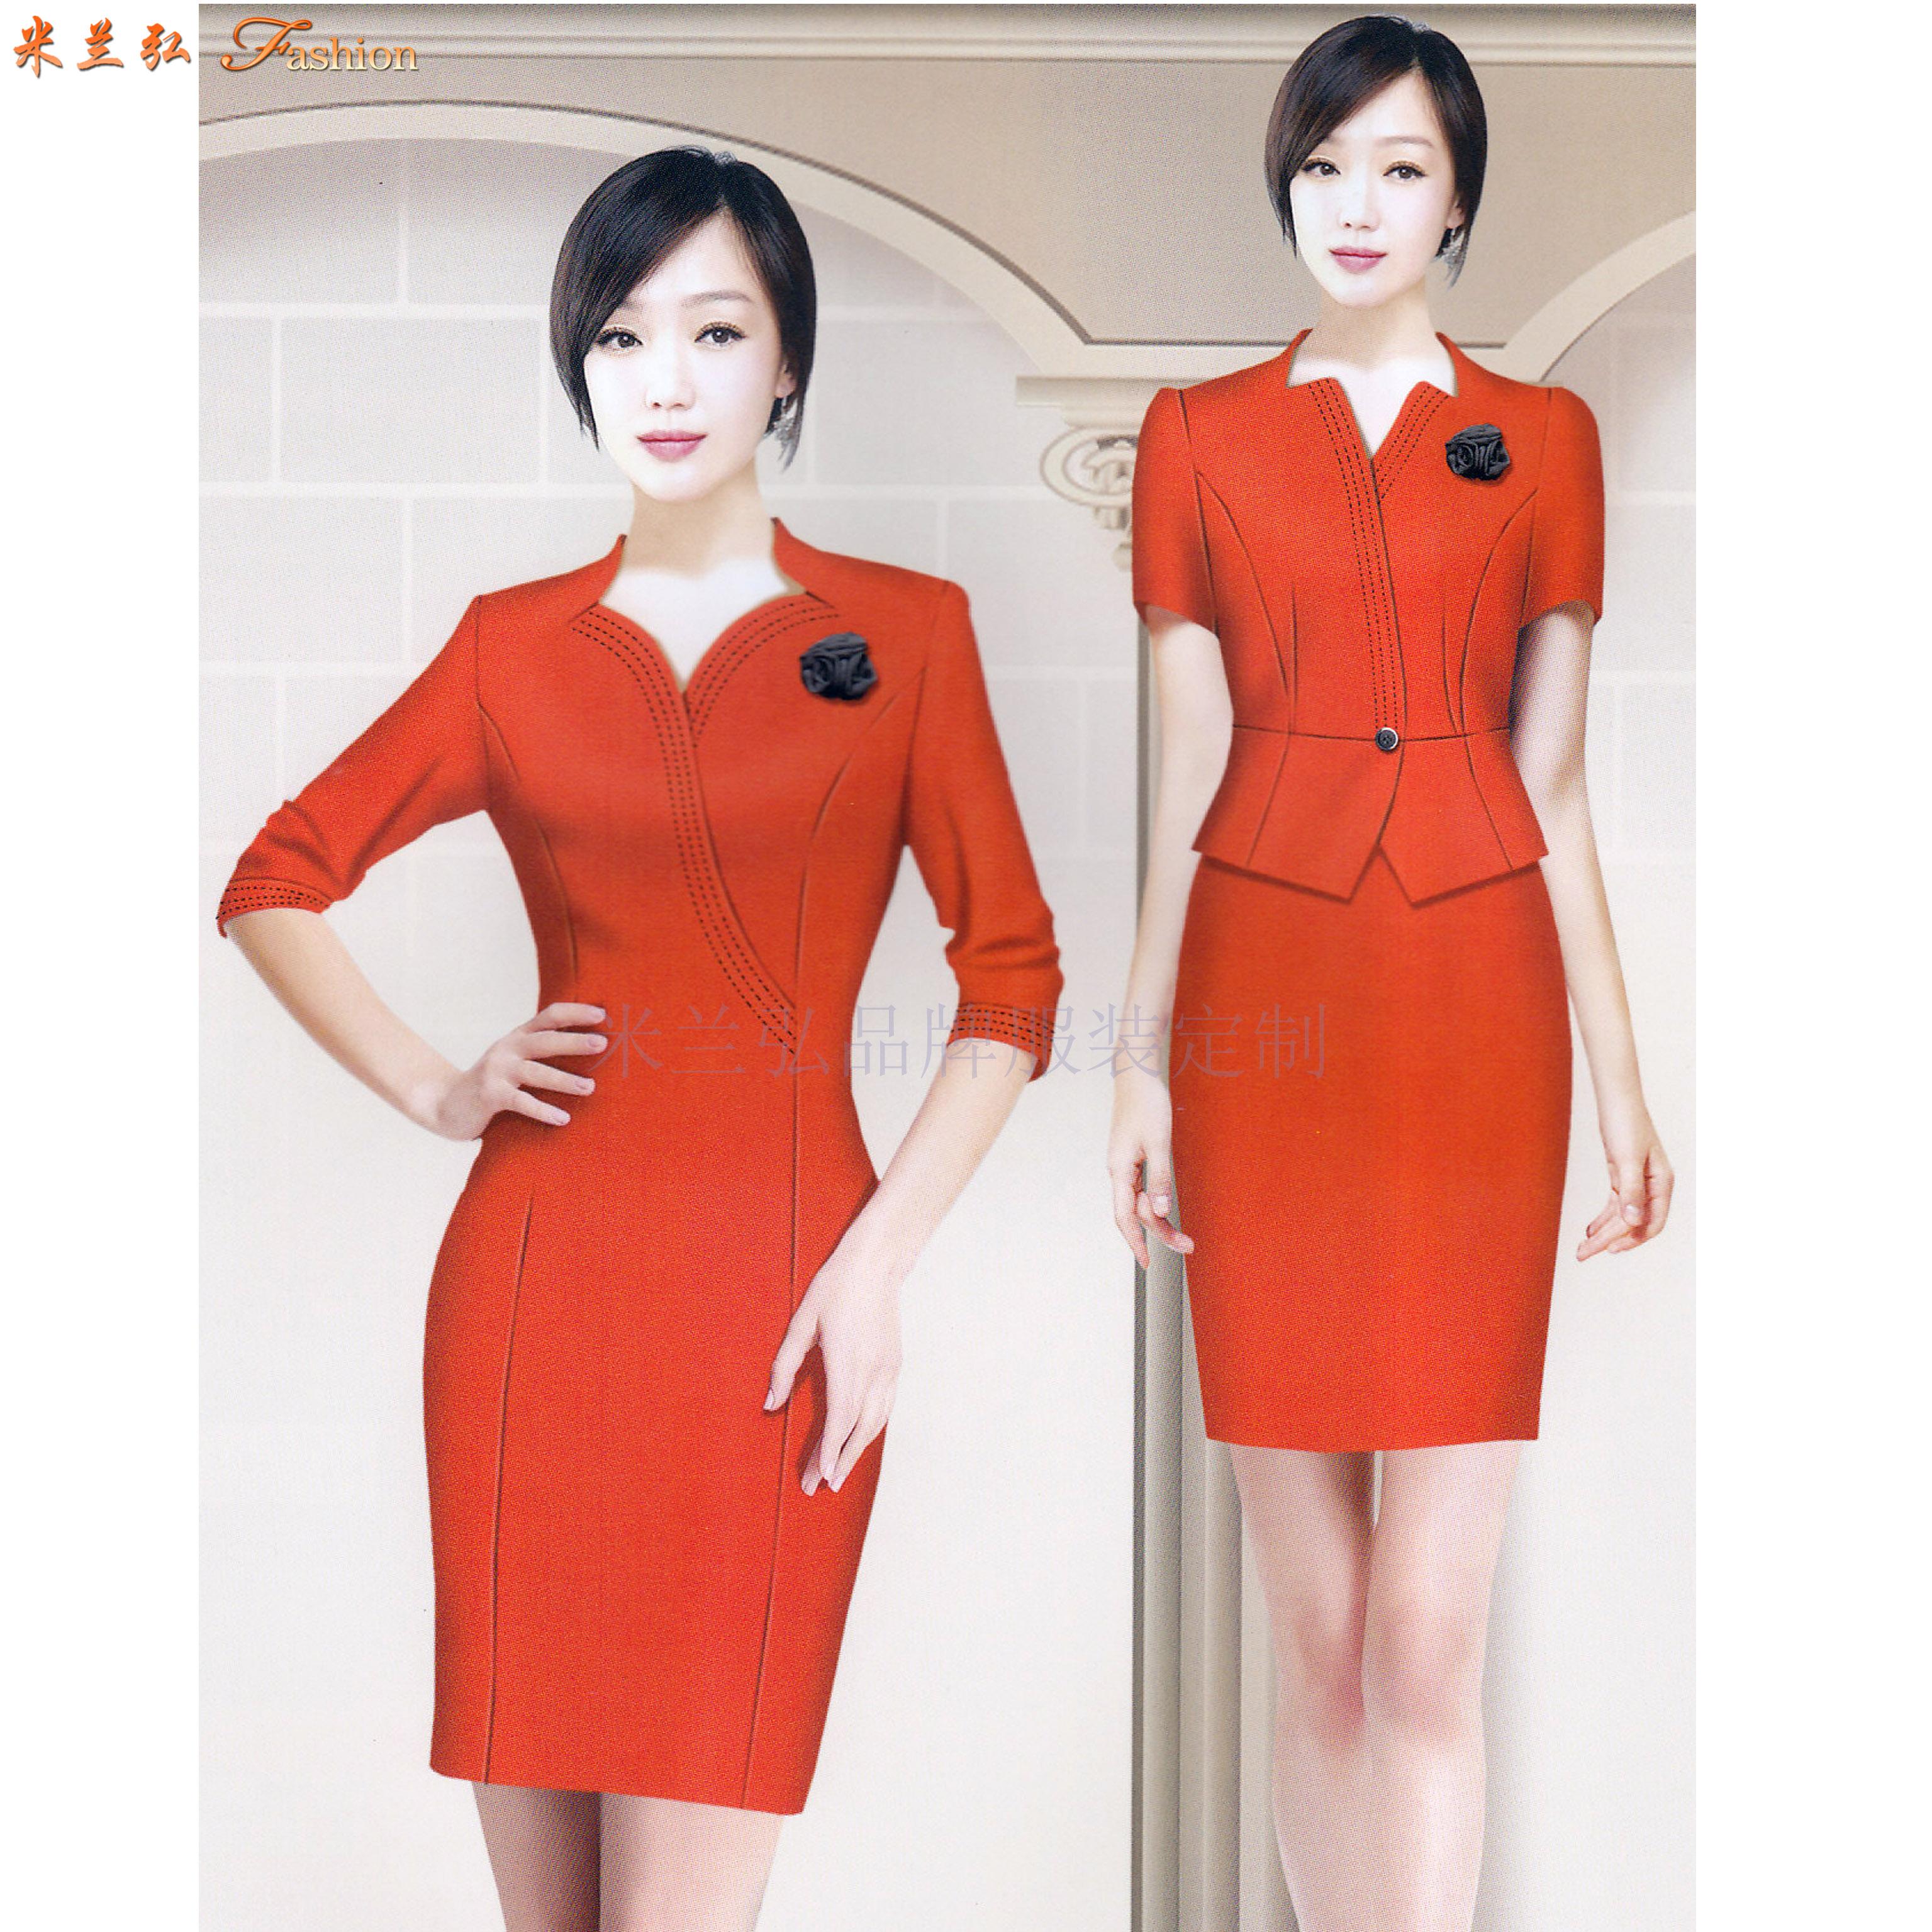 「航空工作服」供應航空公司貨真價實地勤機務工作服-米蘭弘服裝-5